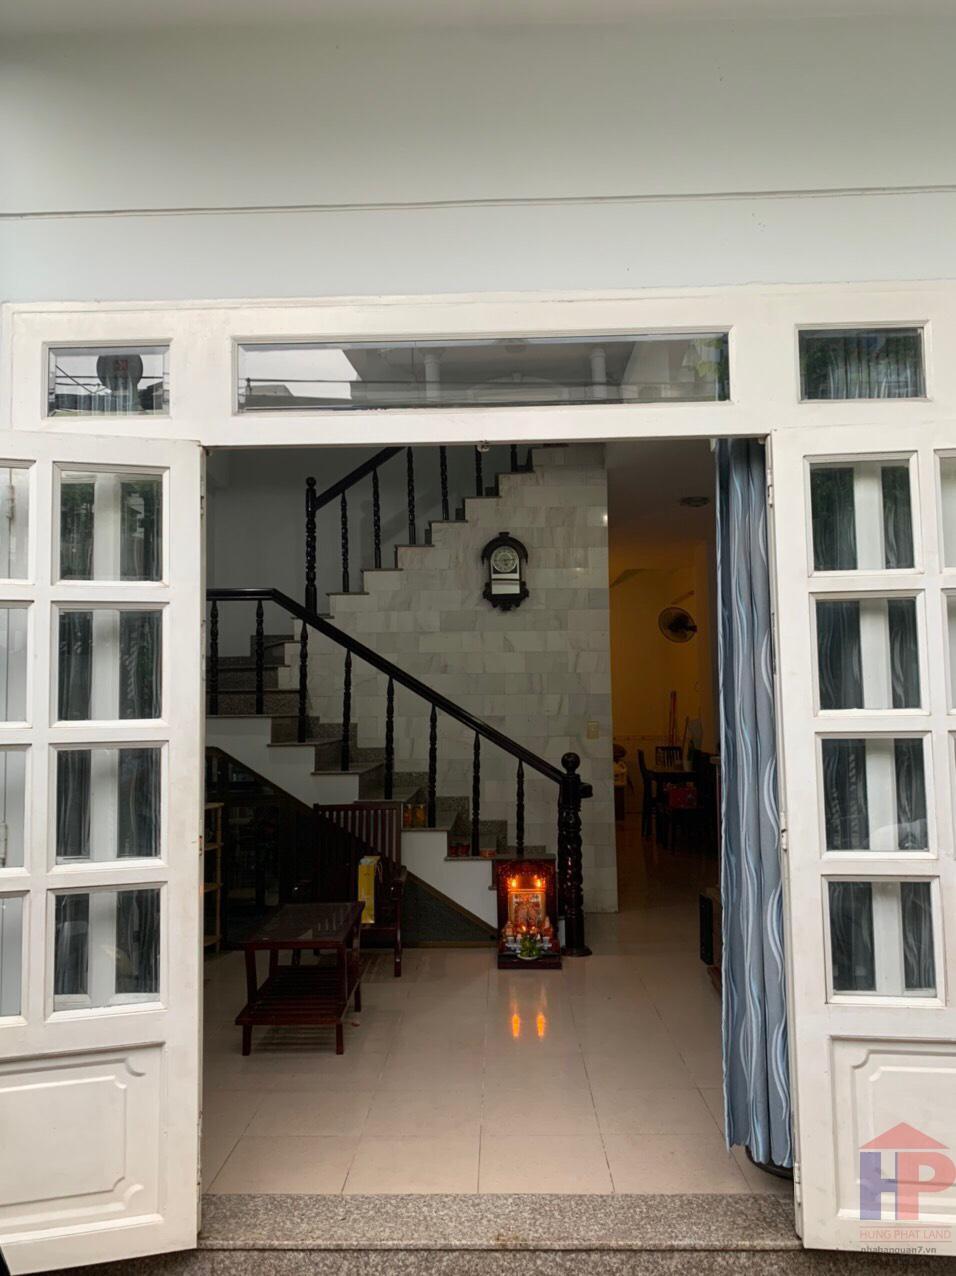 Bán nhà hẻm 502 Huỳnh Tấn Phát, Phường Bình Thuận DT 5x15 Giá 7.65 tỷ LH 0909477288